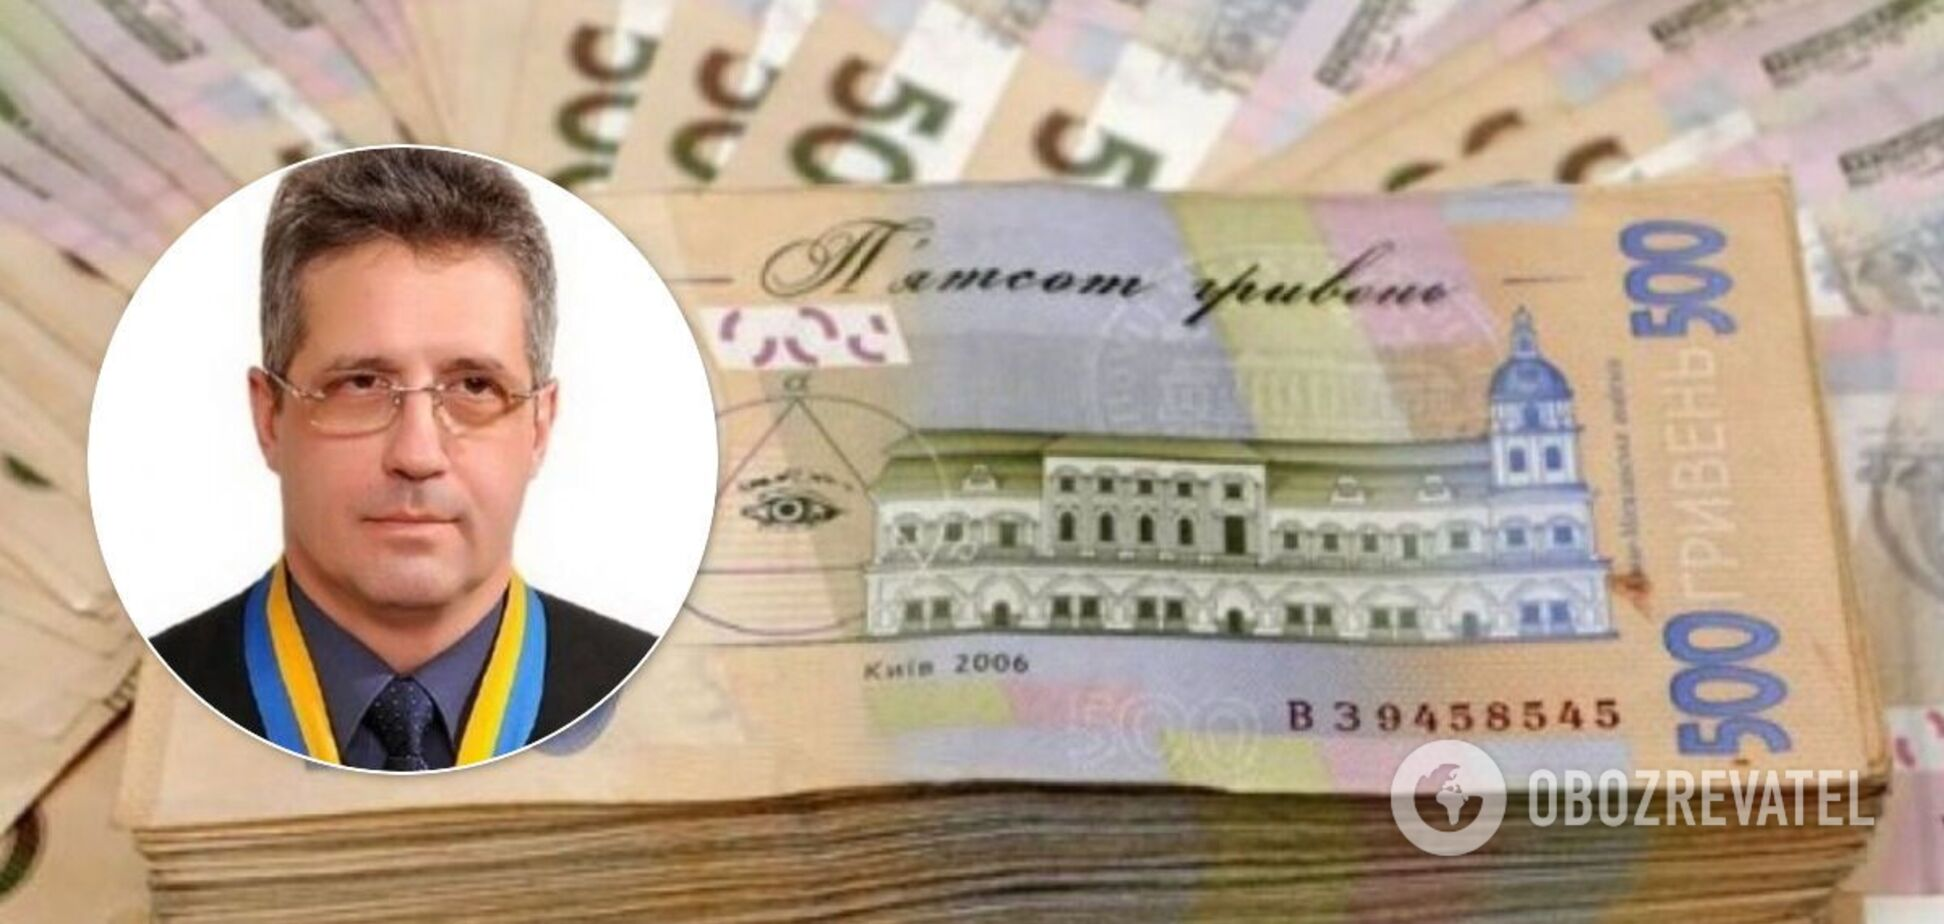 Бывший судья Хозяйственного суда Ивано-Франковской области Юрий Грица